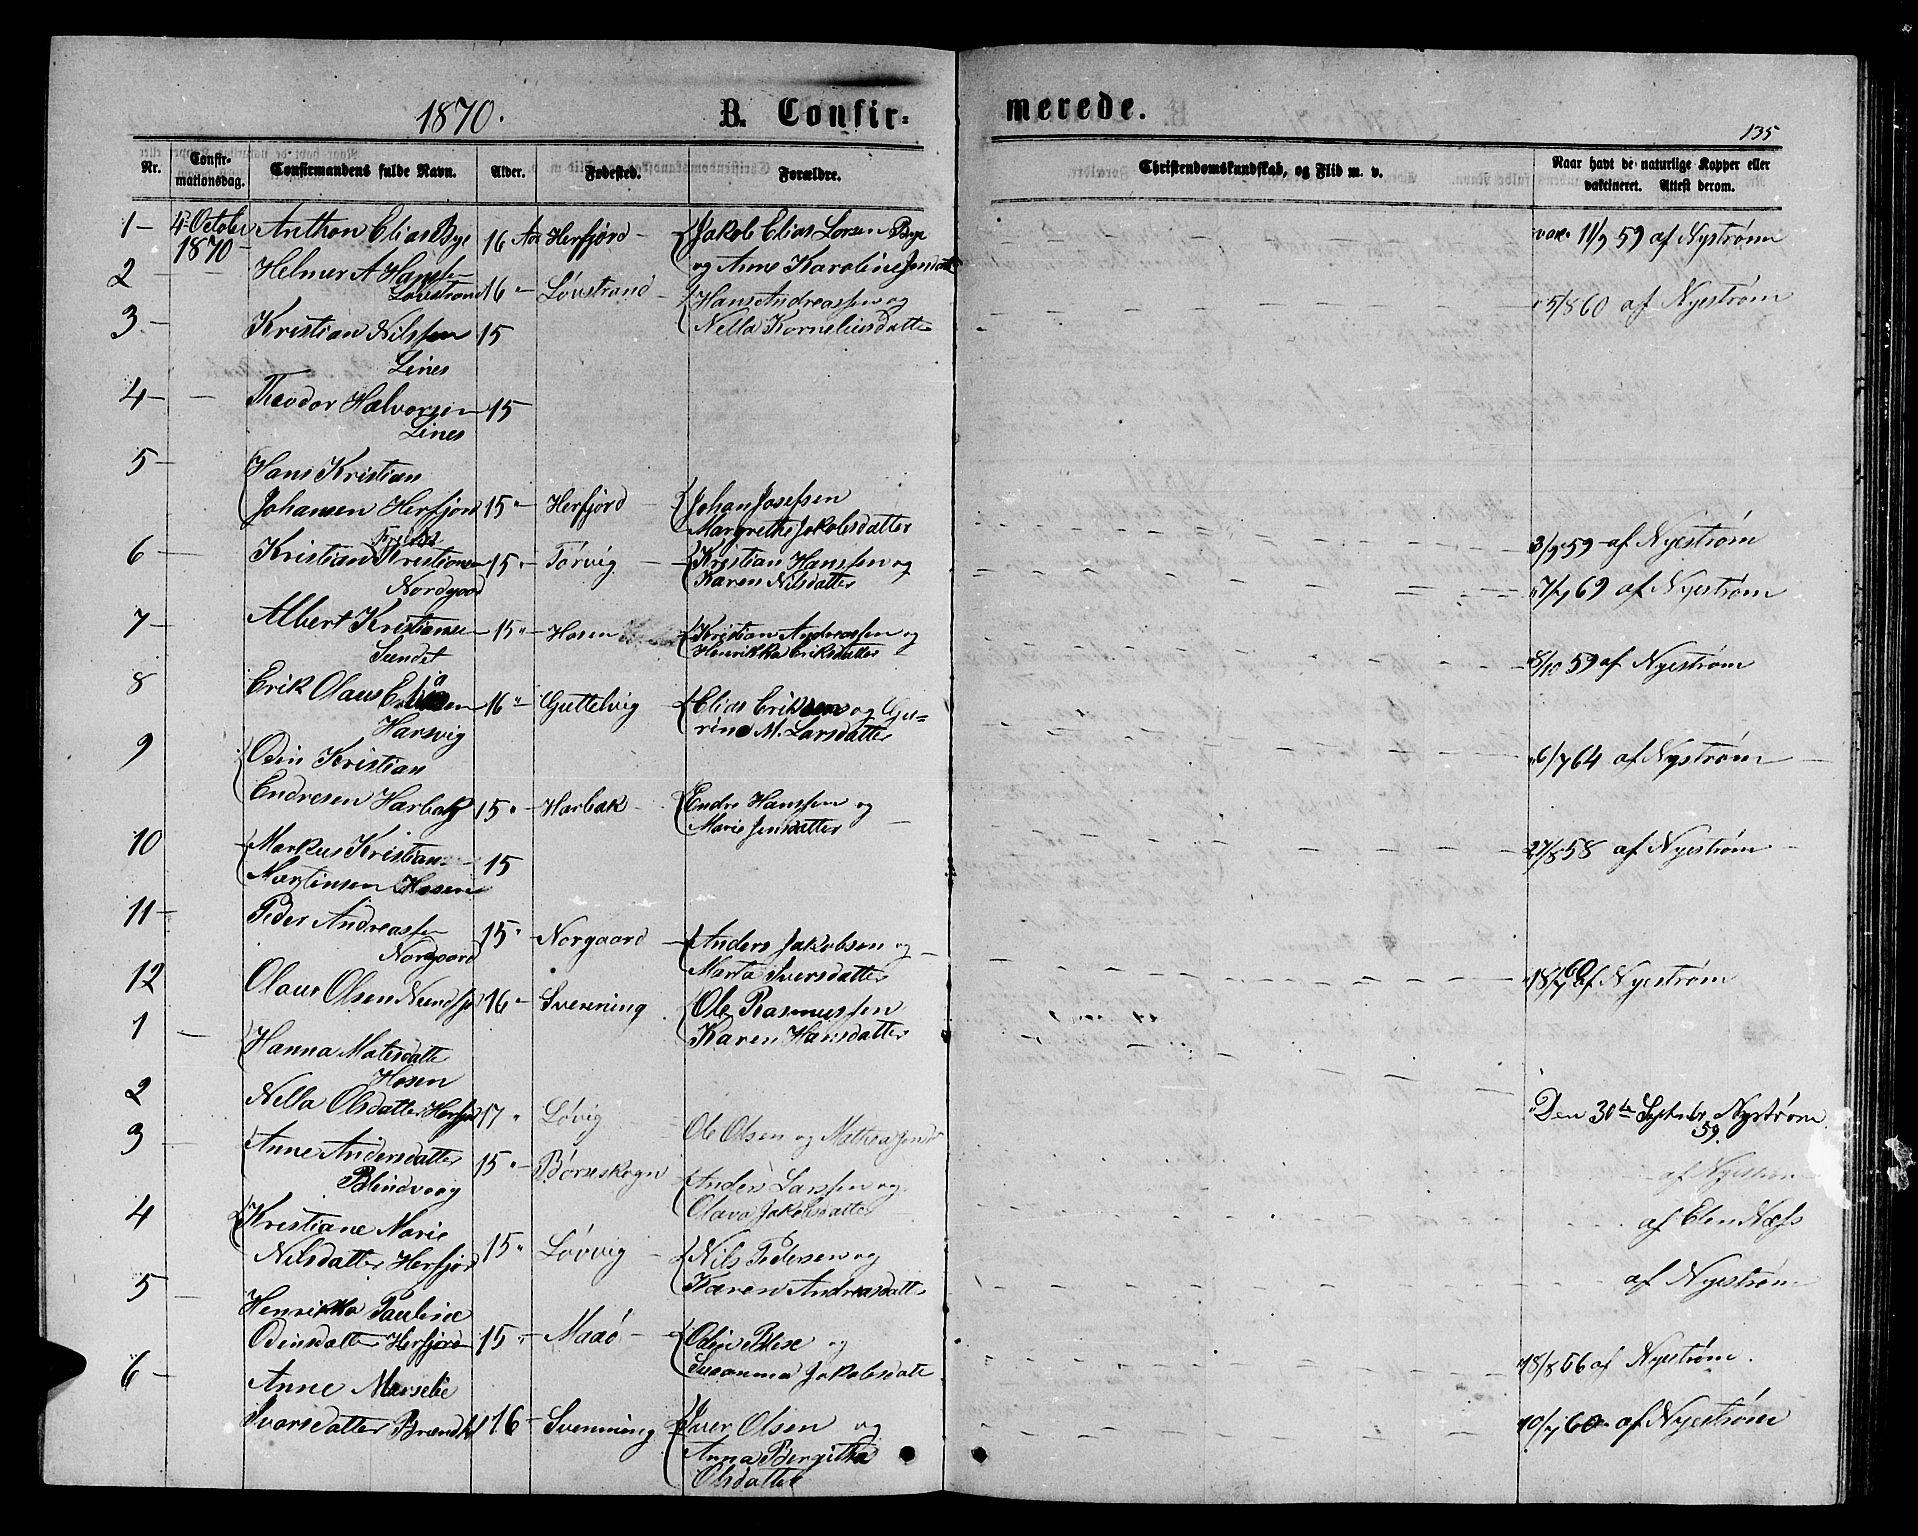 SAT, Ministerialprotokoller, klokkerbøker og fødselsregistre - Sør-Trøndelag, 656/L0695: Klokkerbok nr. 656C01, 1867-1889, s. 135